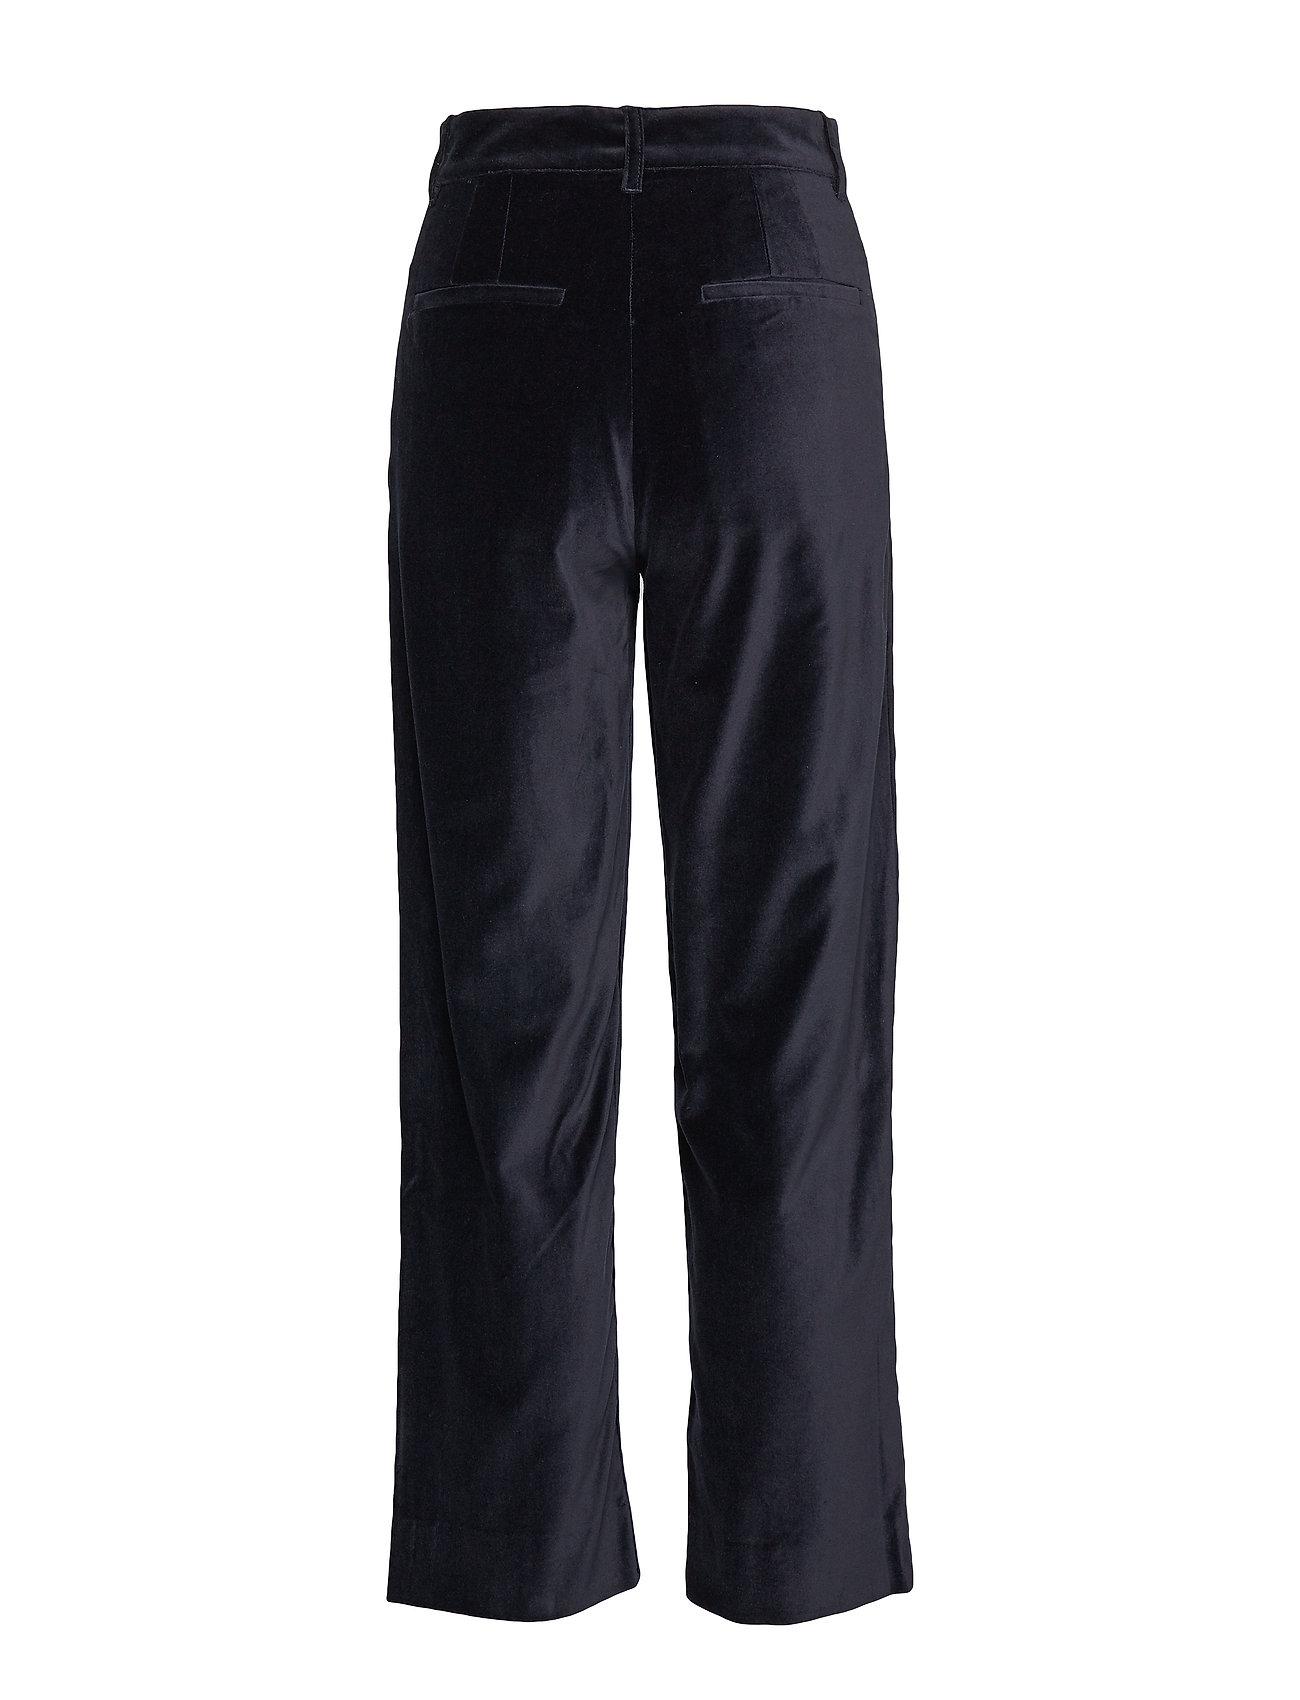 Wood Wood  birgit shorts | Laaja valikoima alennustuotteita | Naisten vaatteet